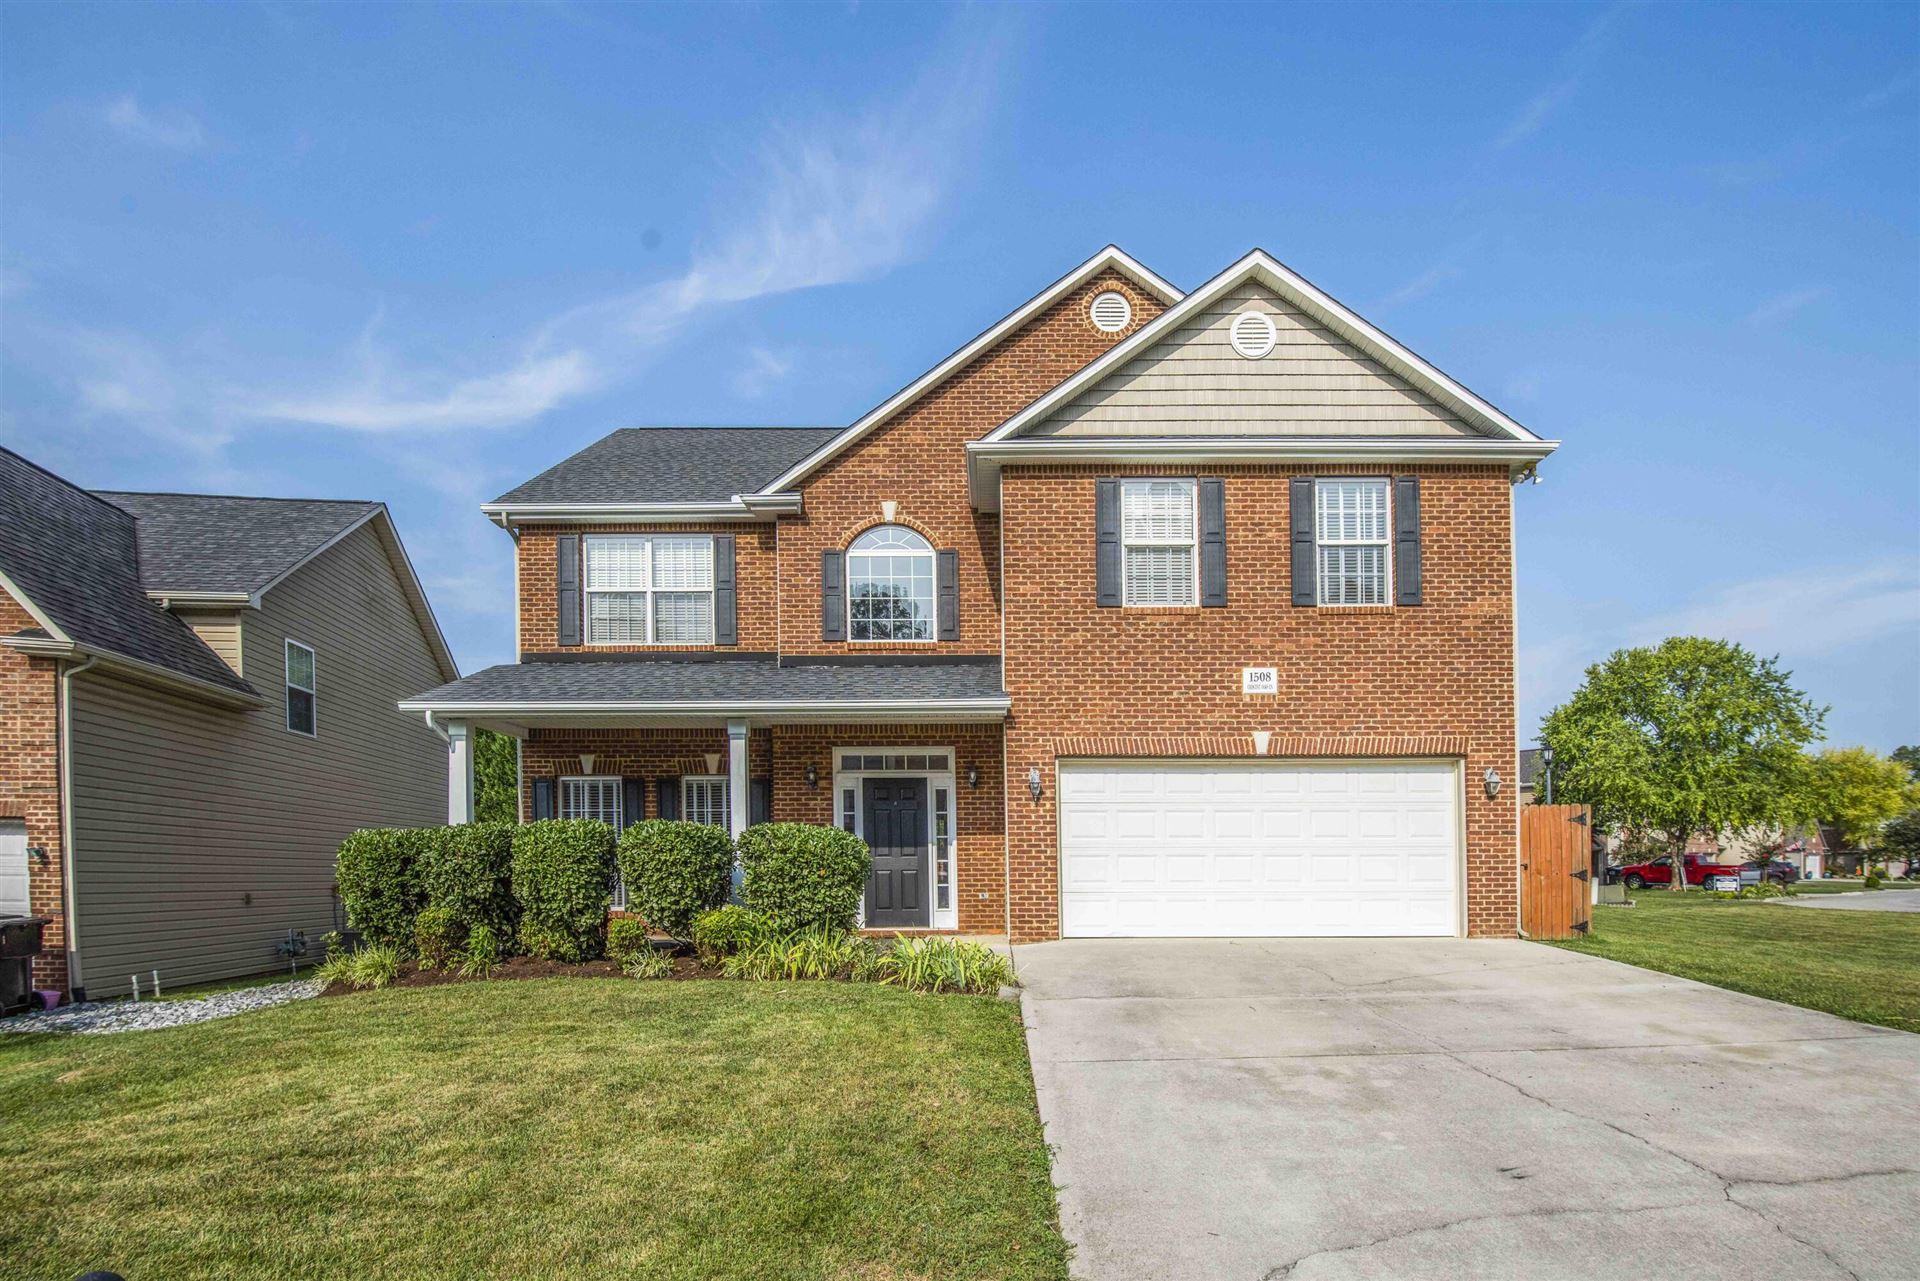 1508 Crescent Oaks Lane, Lenoir City, TN 37772 - MLS#: 1158514